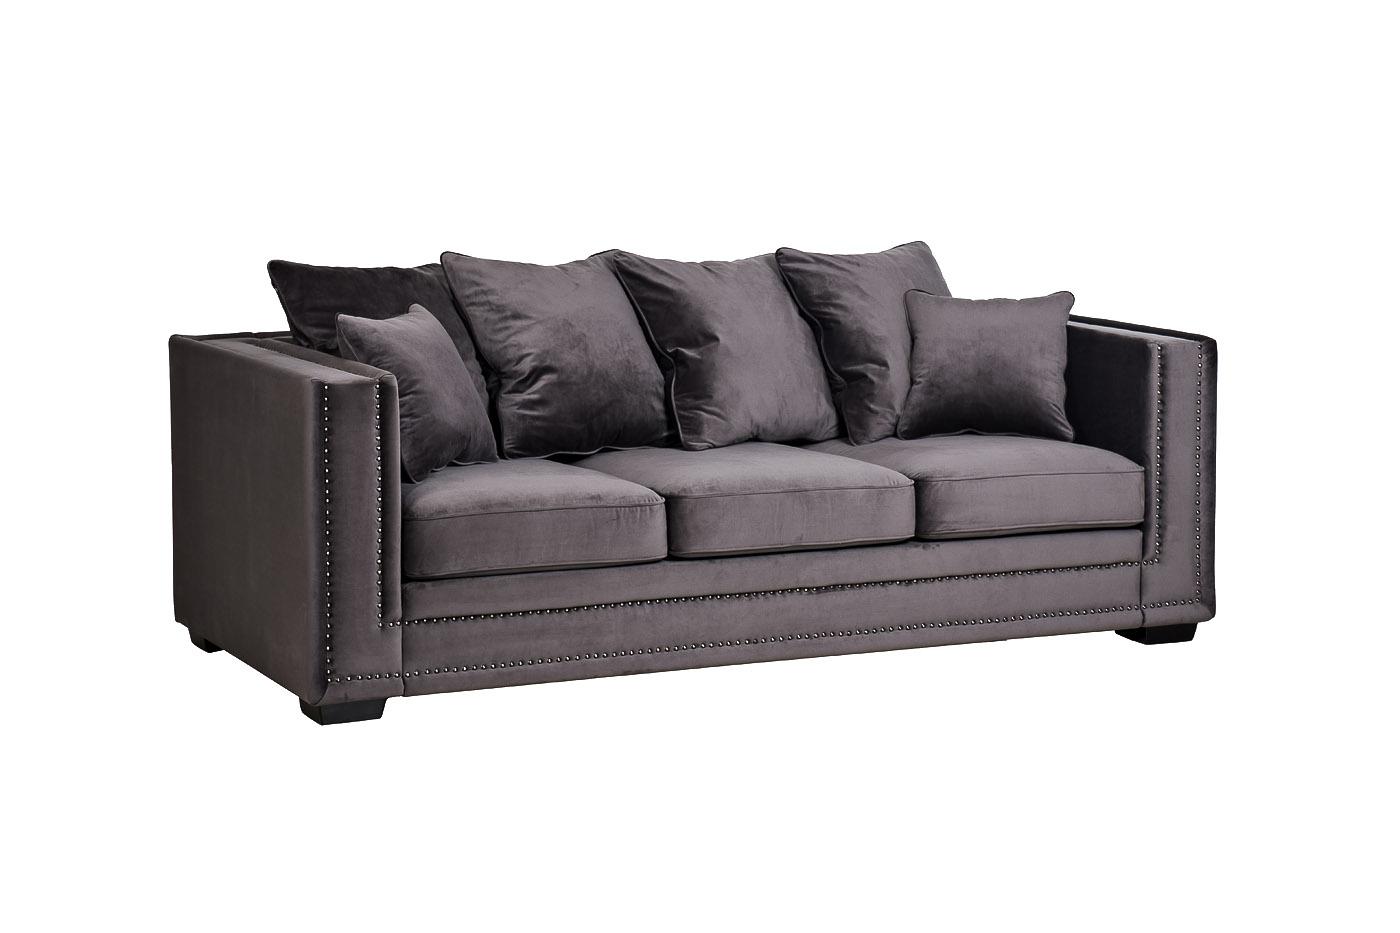 Garda decor диван раскладной opera коричневый 131959/9